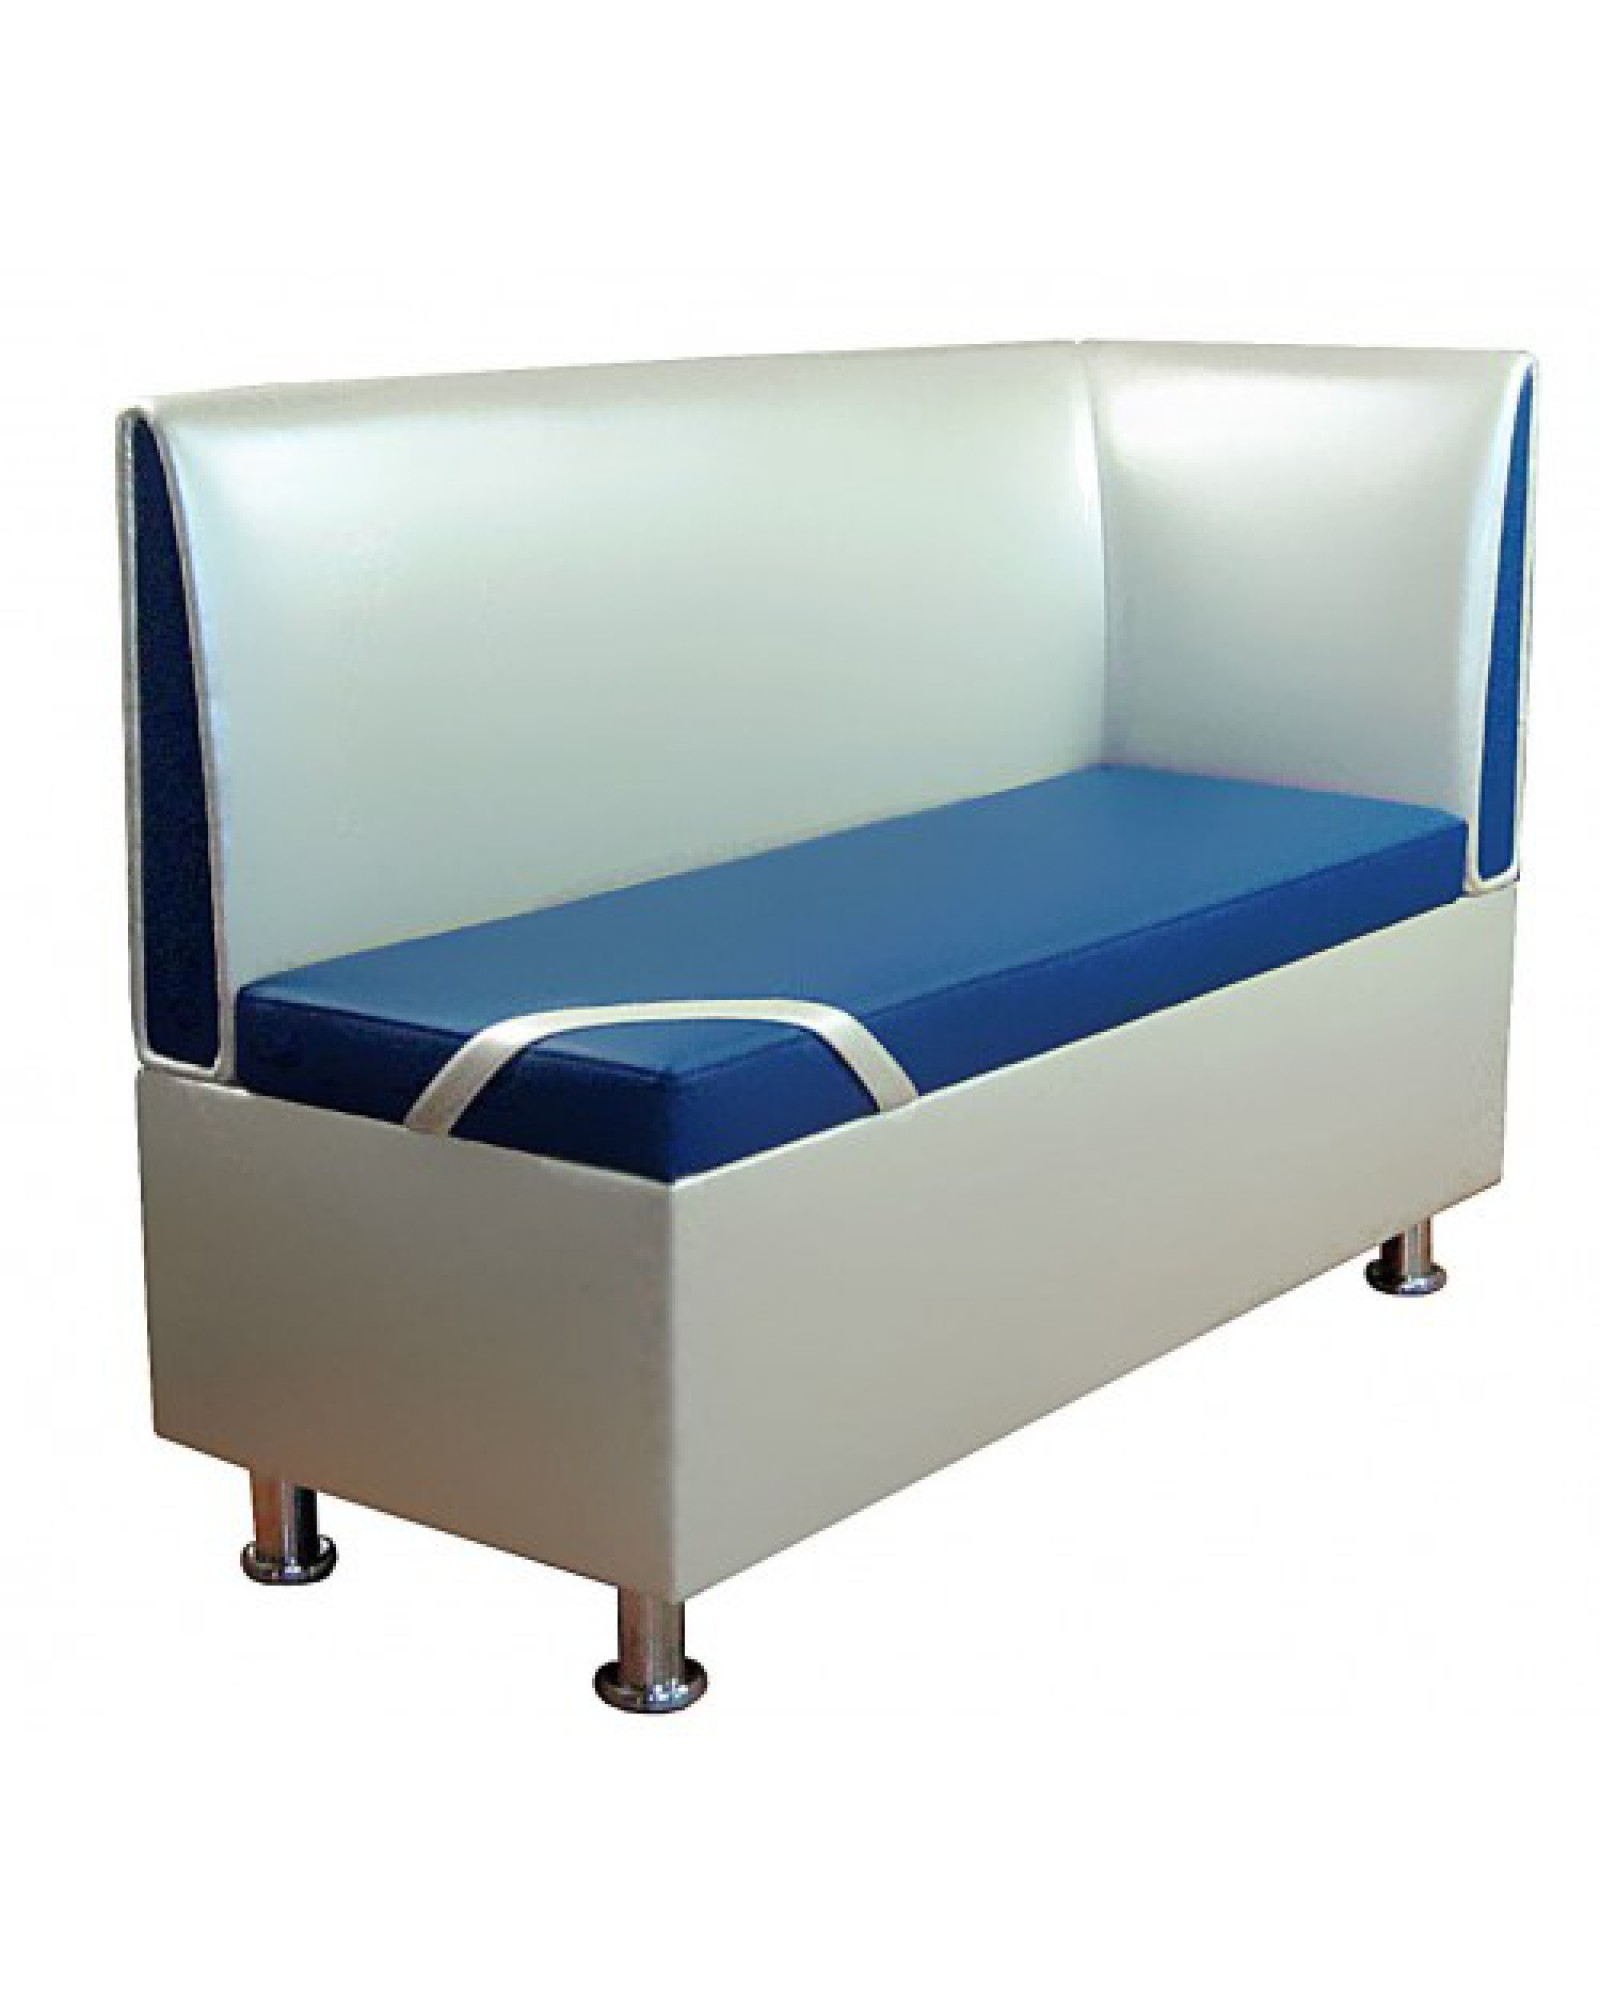 Премьер Люкс 5 кухонный диван